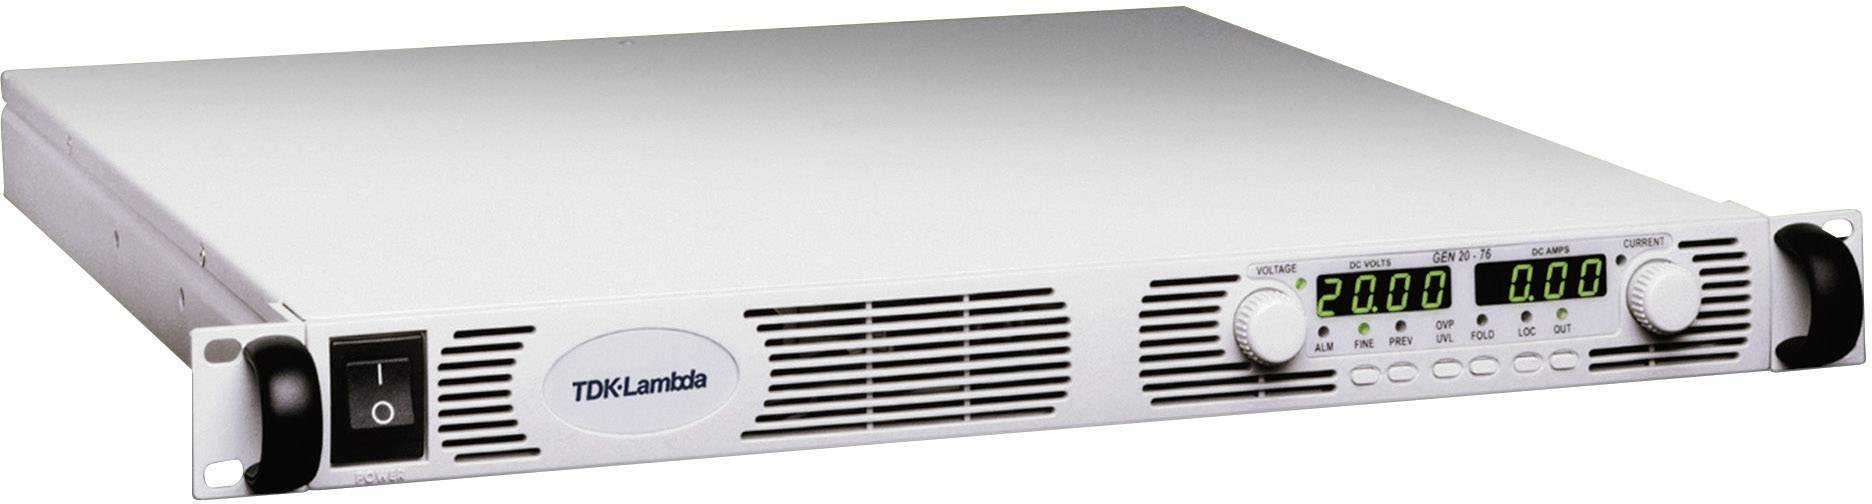 """19"""" laboratórny zdroj s nastaviteľným napätím TDK-Lambda GEN-300-5, 0 - 300 V/DC, 0 - 5 A"""